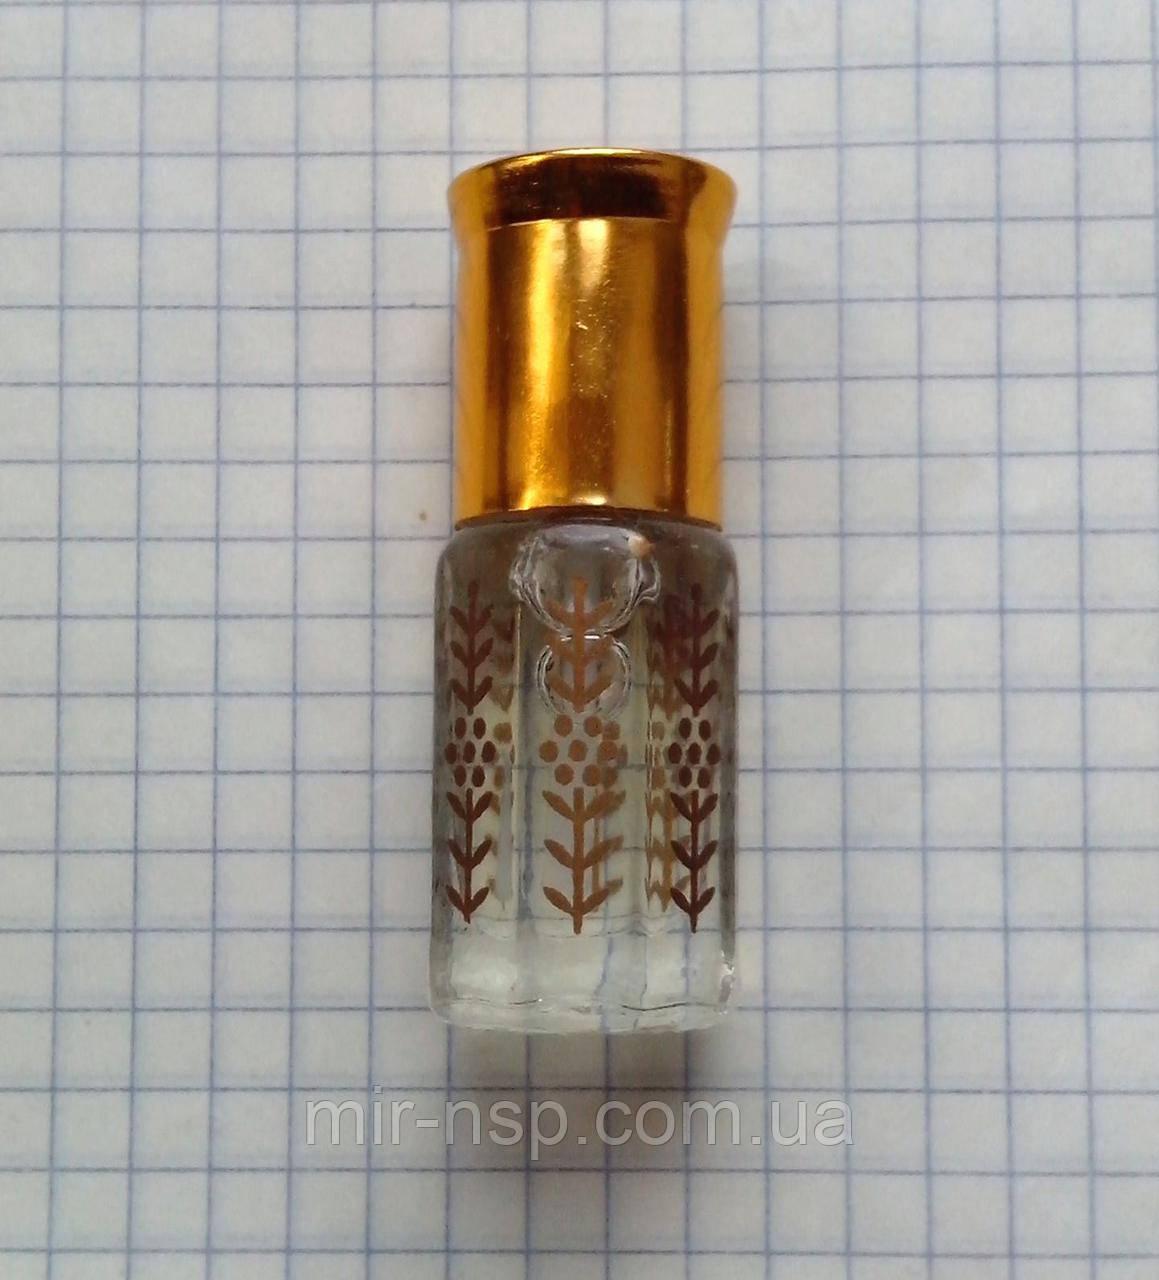 Ароматы Гарема номер 31 арабские масляные духи 3 мл Египет